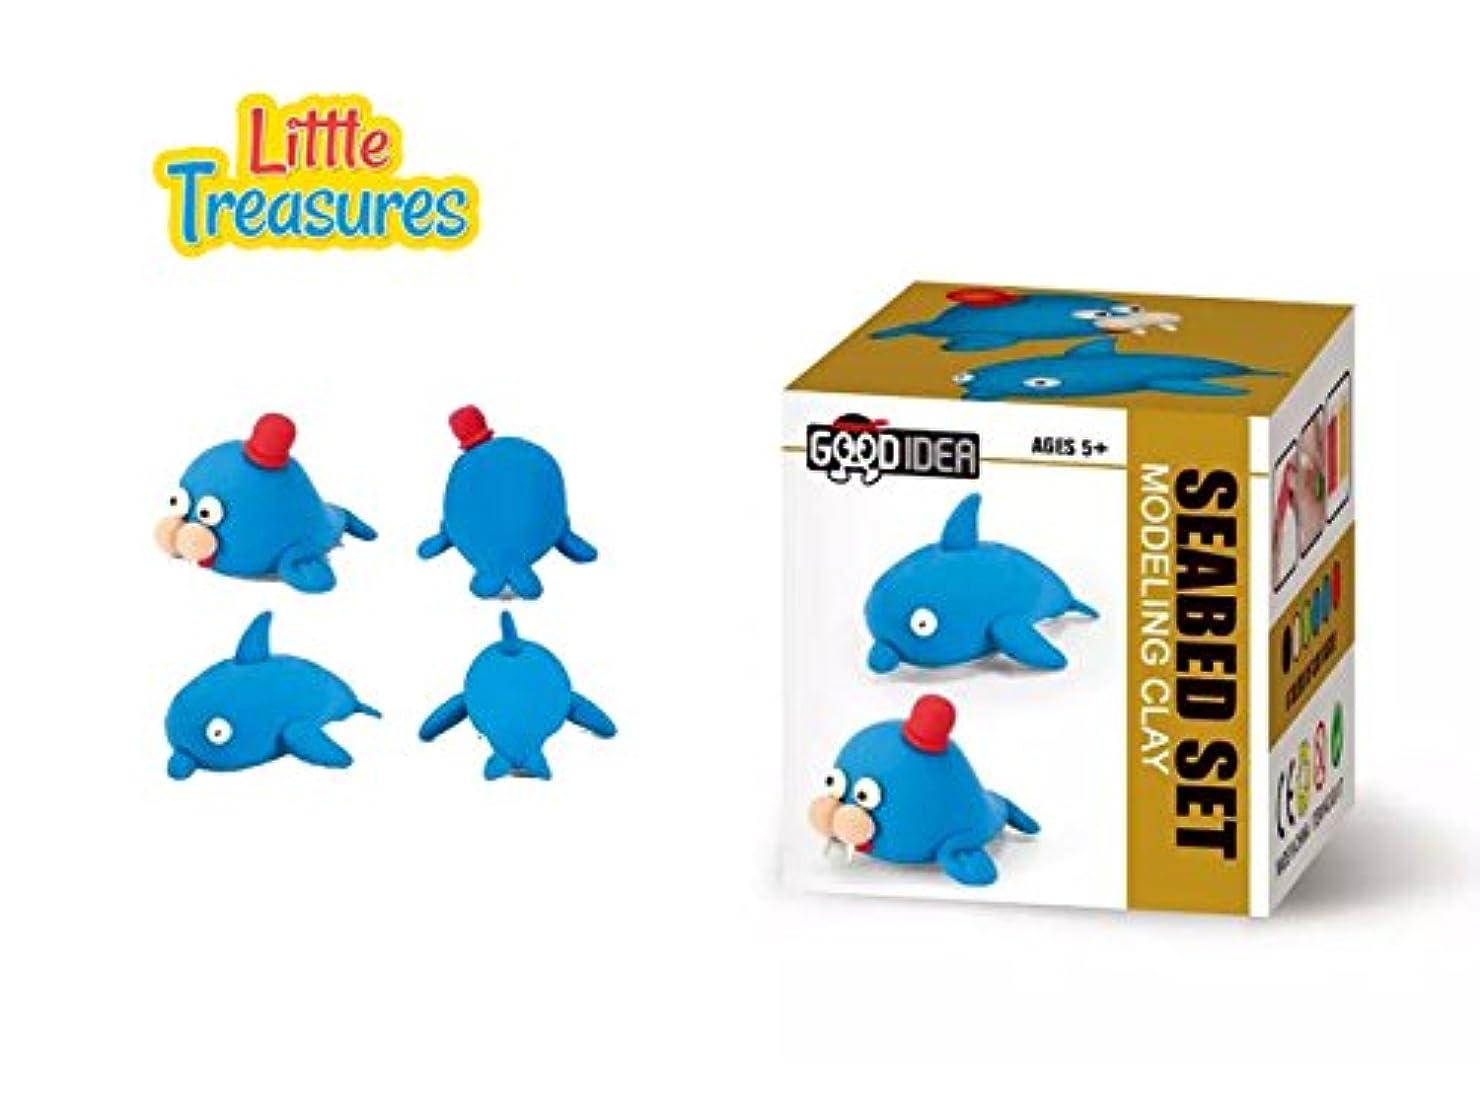 オーブン商業のテロリストMoulding play-dough kit 2-in-1 - create your 3D cute sea marine mammal make a dolphin or anything you can think of - fun arts & craft kid's artist toy project Clay modelling and sculpting DIY play-set